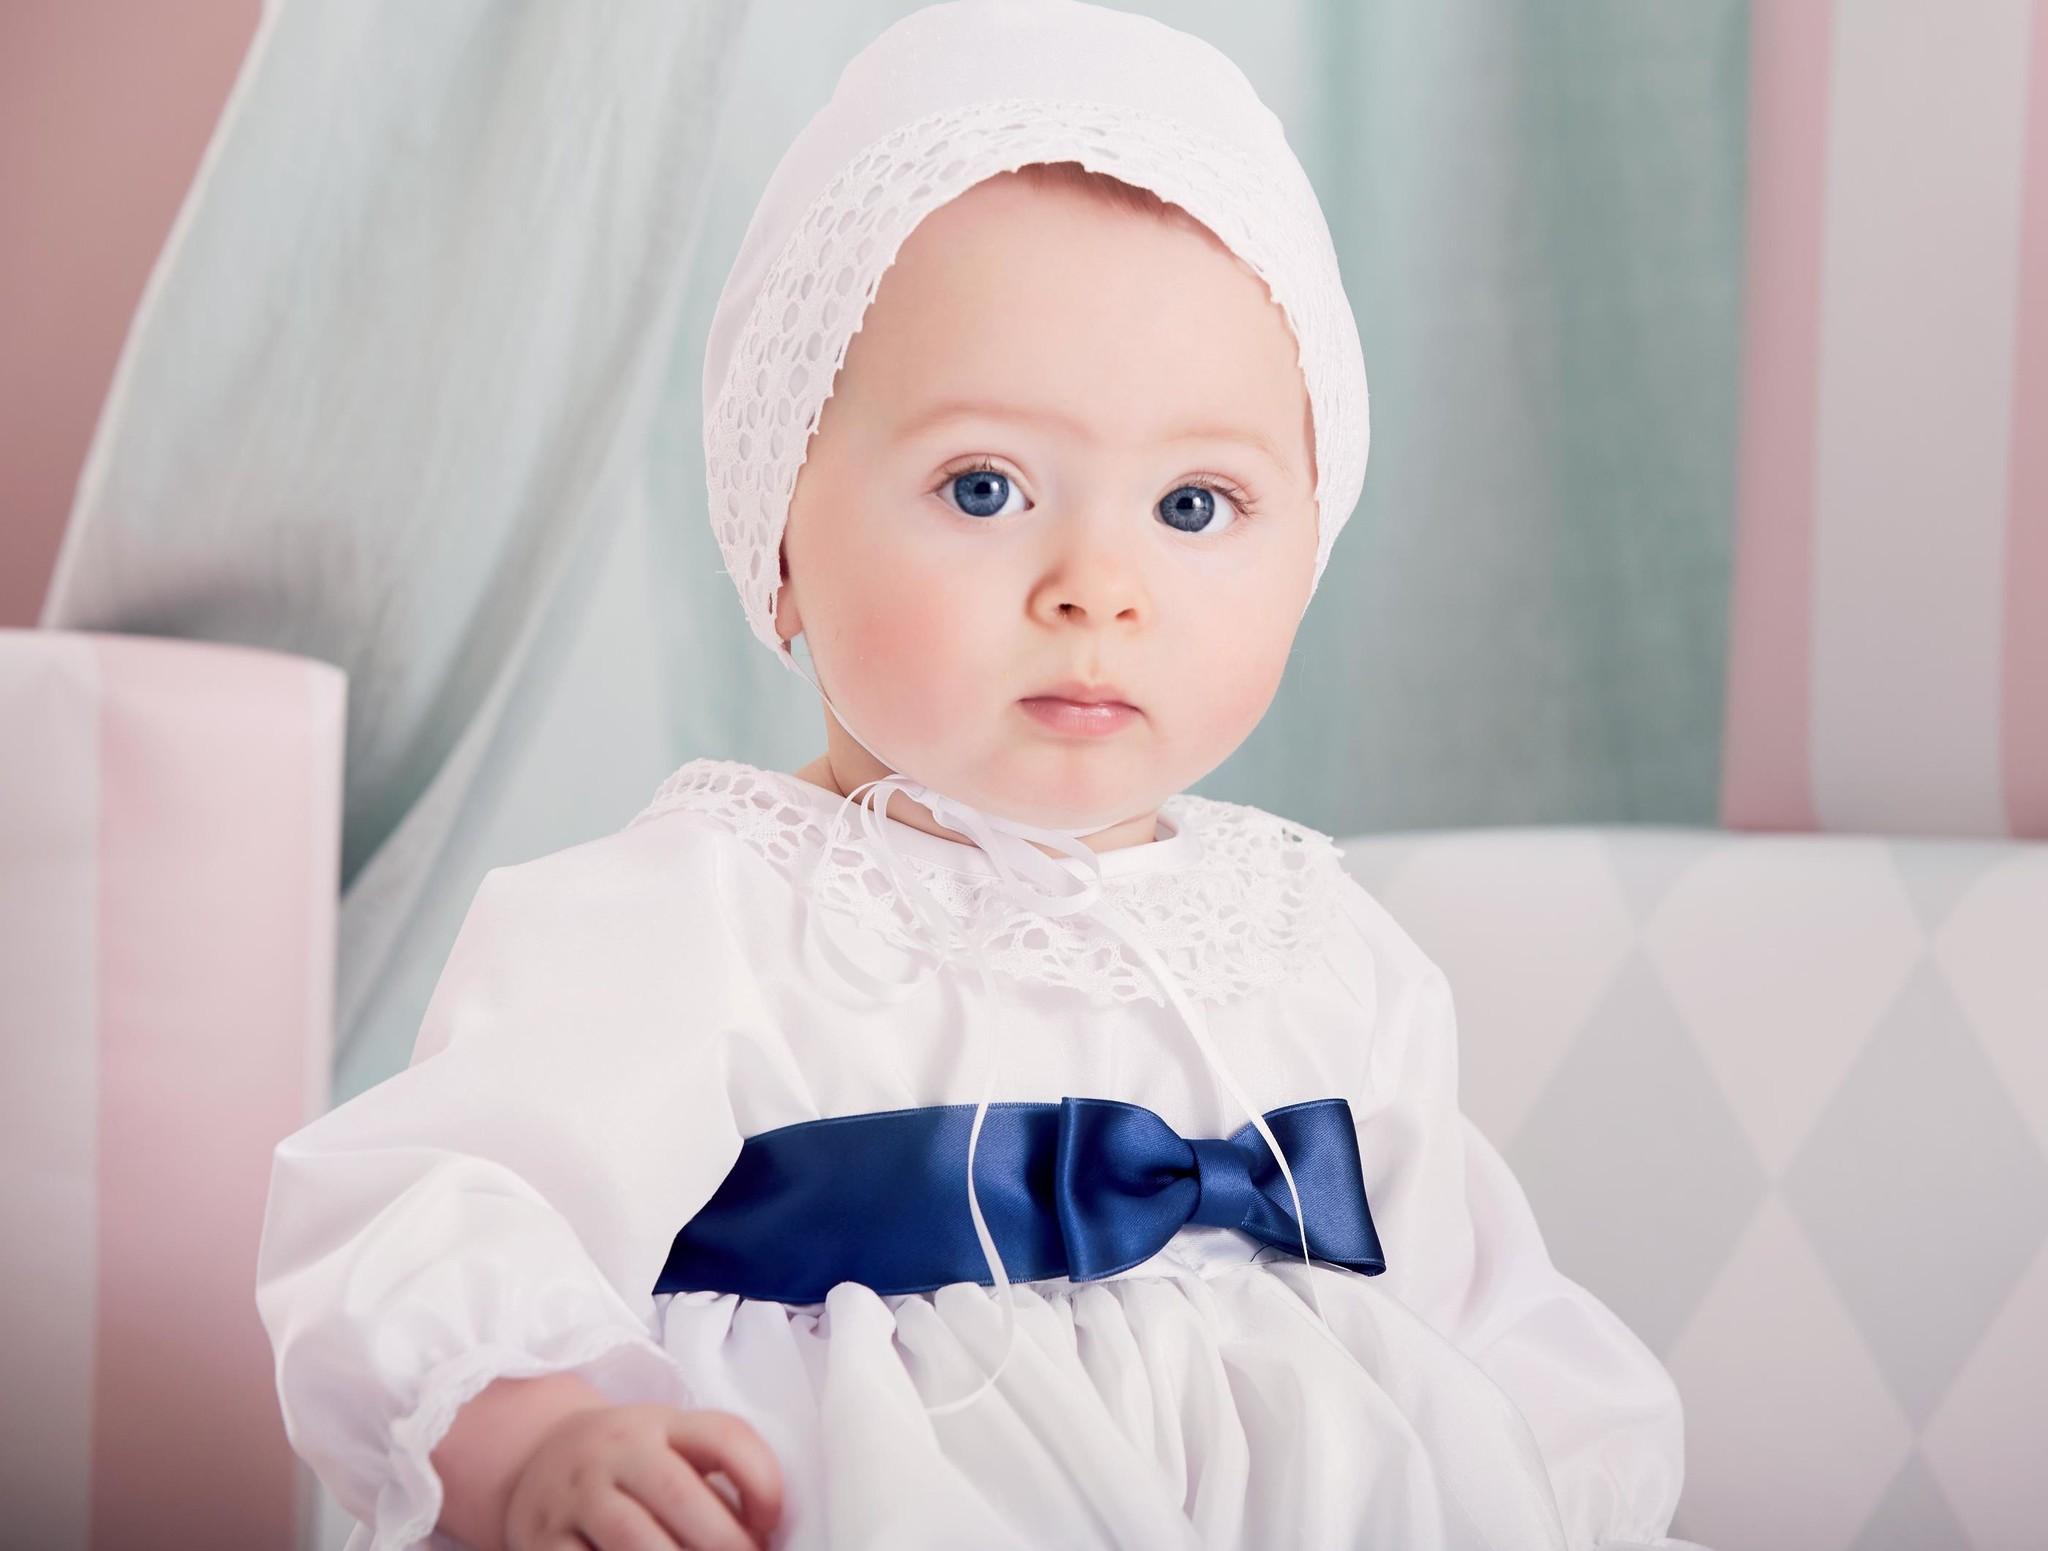 Lilly Doopjurk Célia wit lang model